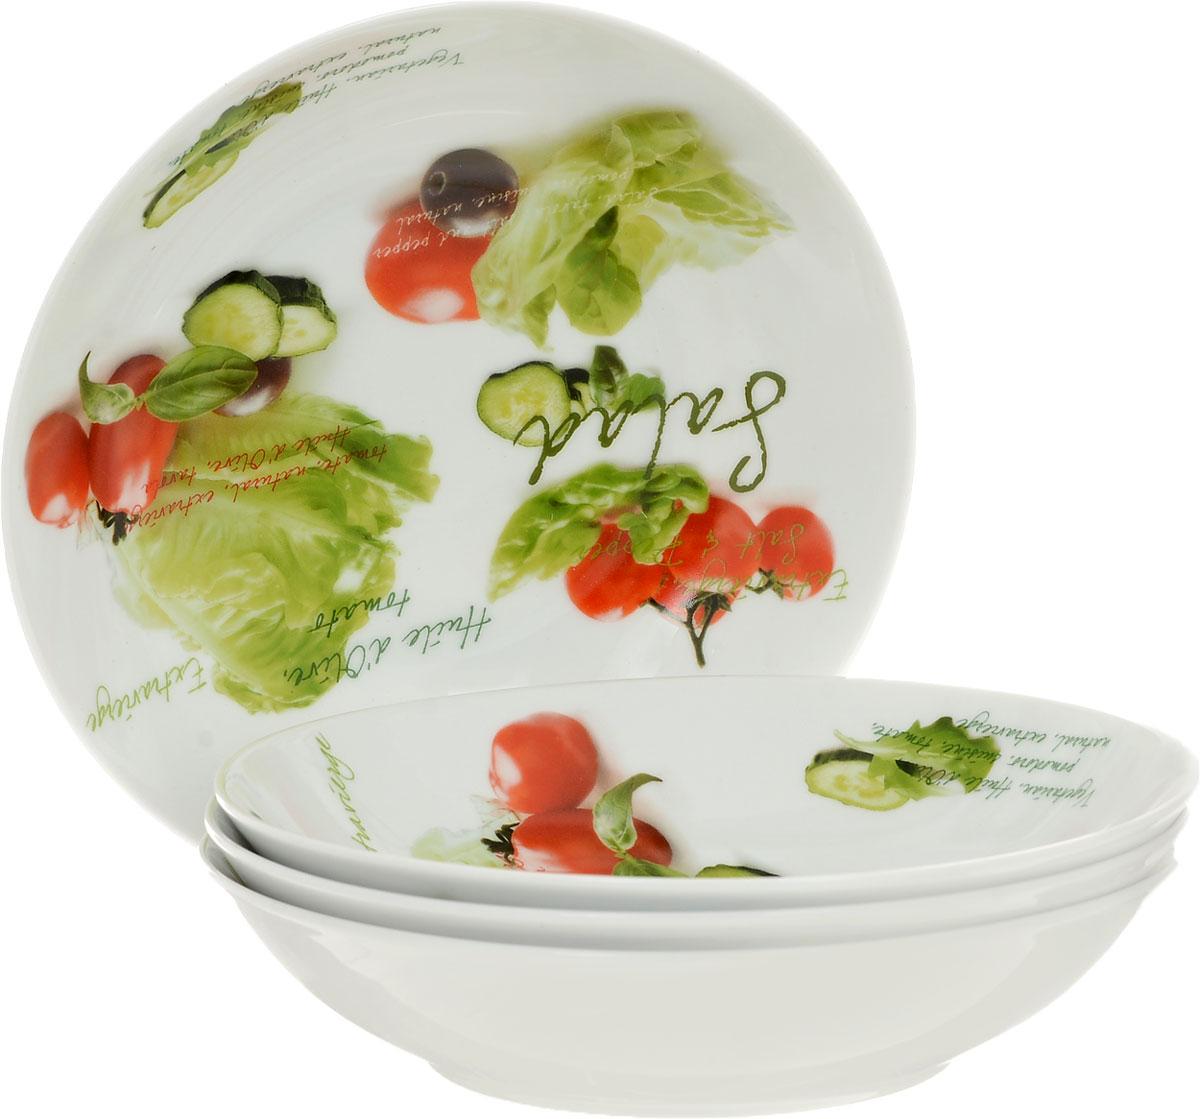 Набор глубоких тарелок Nuova R2S Салат, диаметр 20 см, 4 шт54 009312Набор Nuova R2S Салат состоит из четырех глубоких тарелок, выполненных из высококачественного фарфора. Изделия декорированы красочным изображением овощей. Такой набор украсит сервировку стола и порадует вас дизайном.